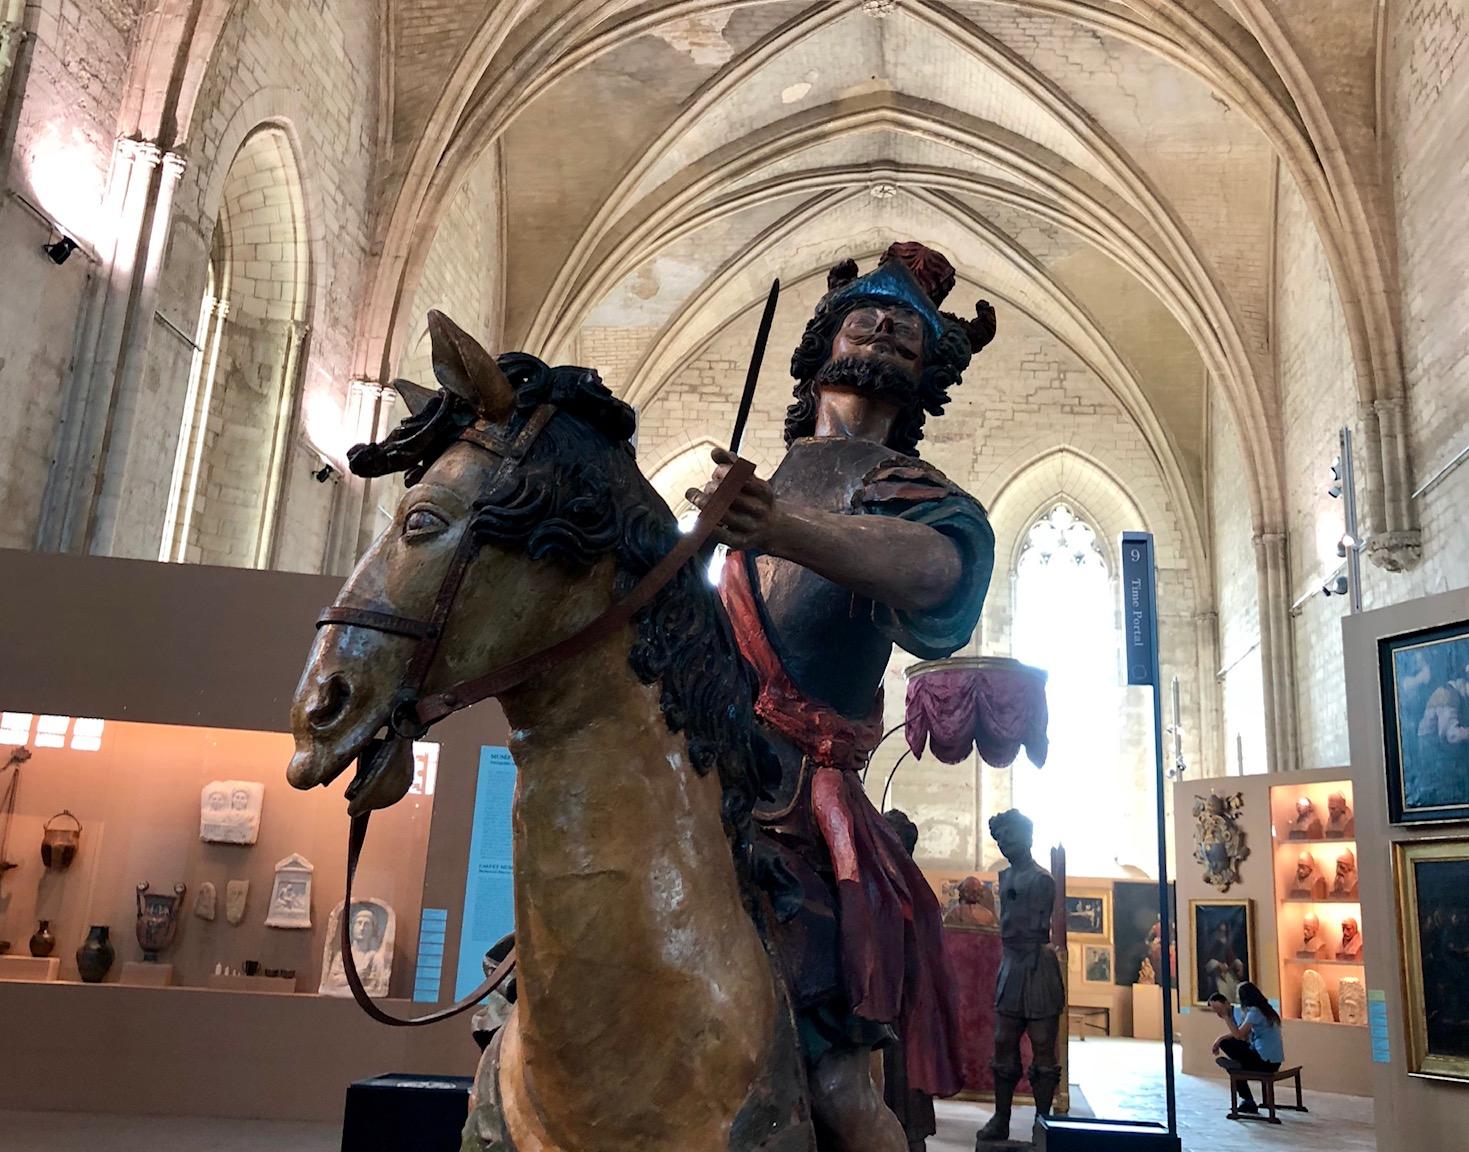 L2F Oct 19 pic France Avignon Palais des Papes interior